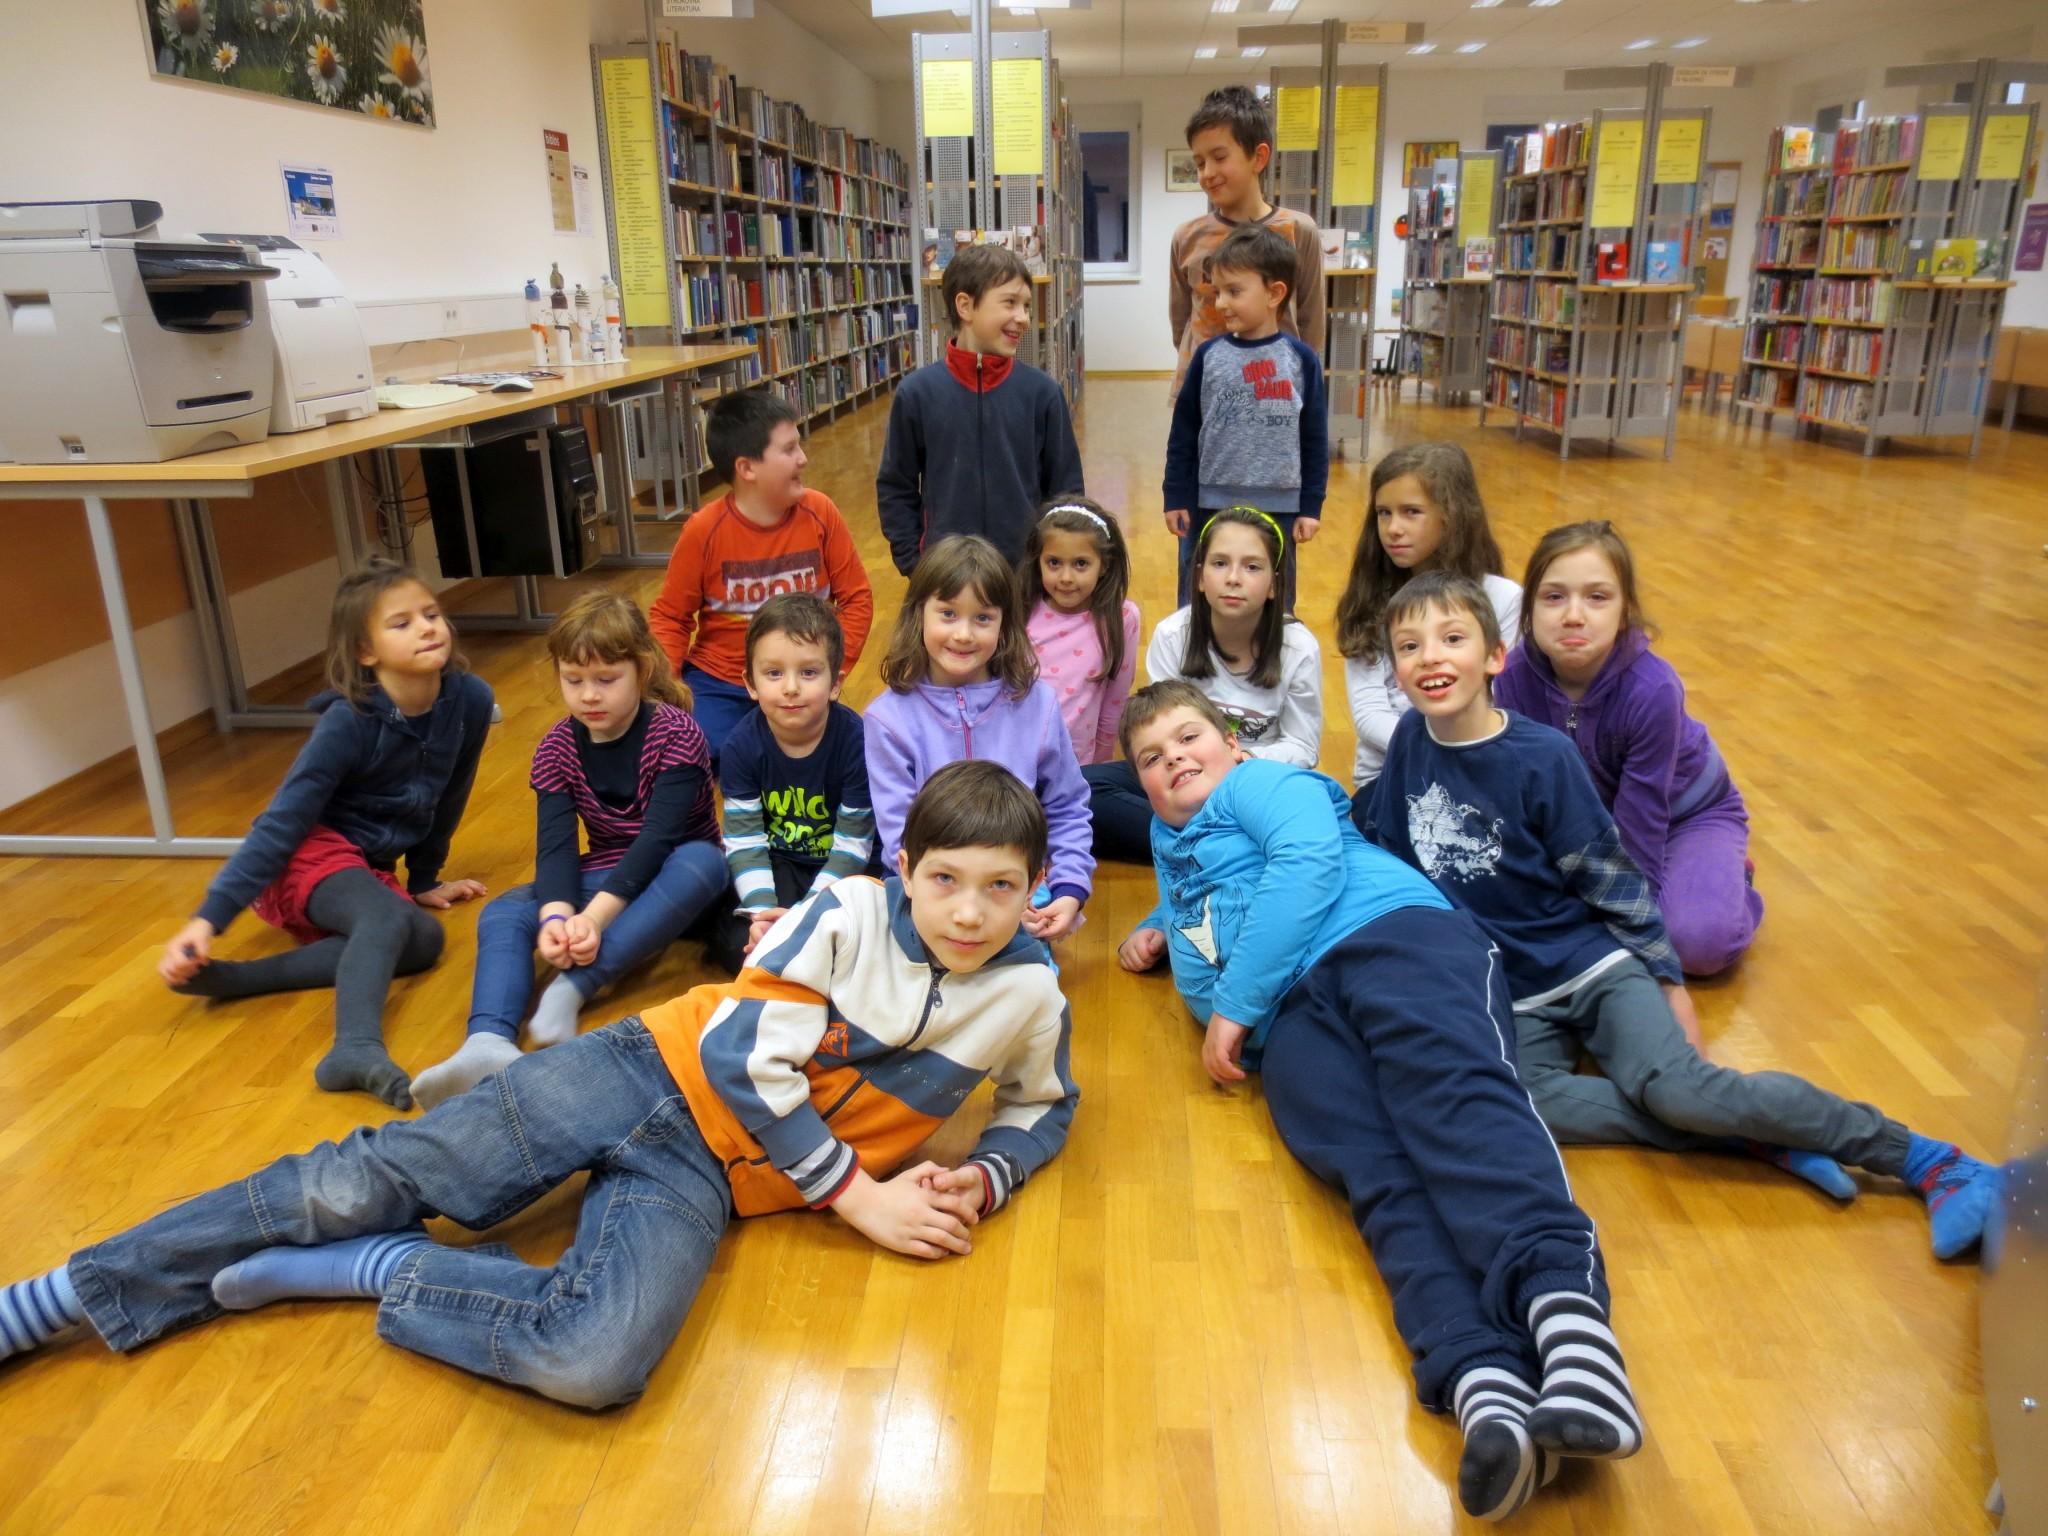 IMG 3382 - Pravljična ura in ustvarjalna delavnica za otroke od 4. leta dalje